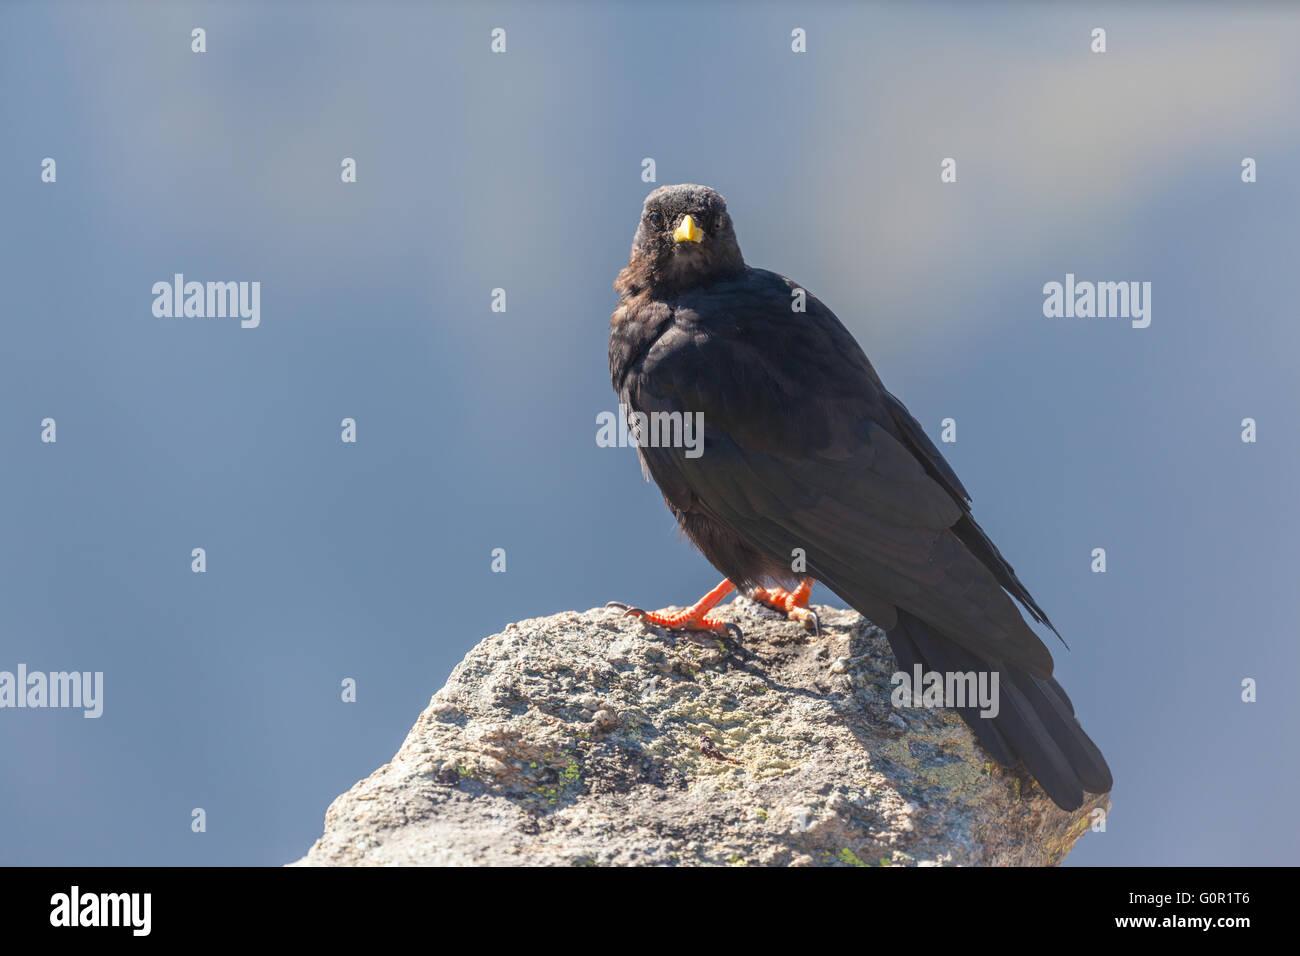 Nahaufnahme von einer alpinen Alpenkrähe Stand auf dem Felsen. Stockbild